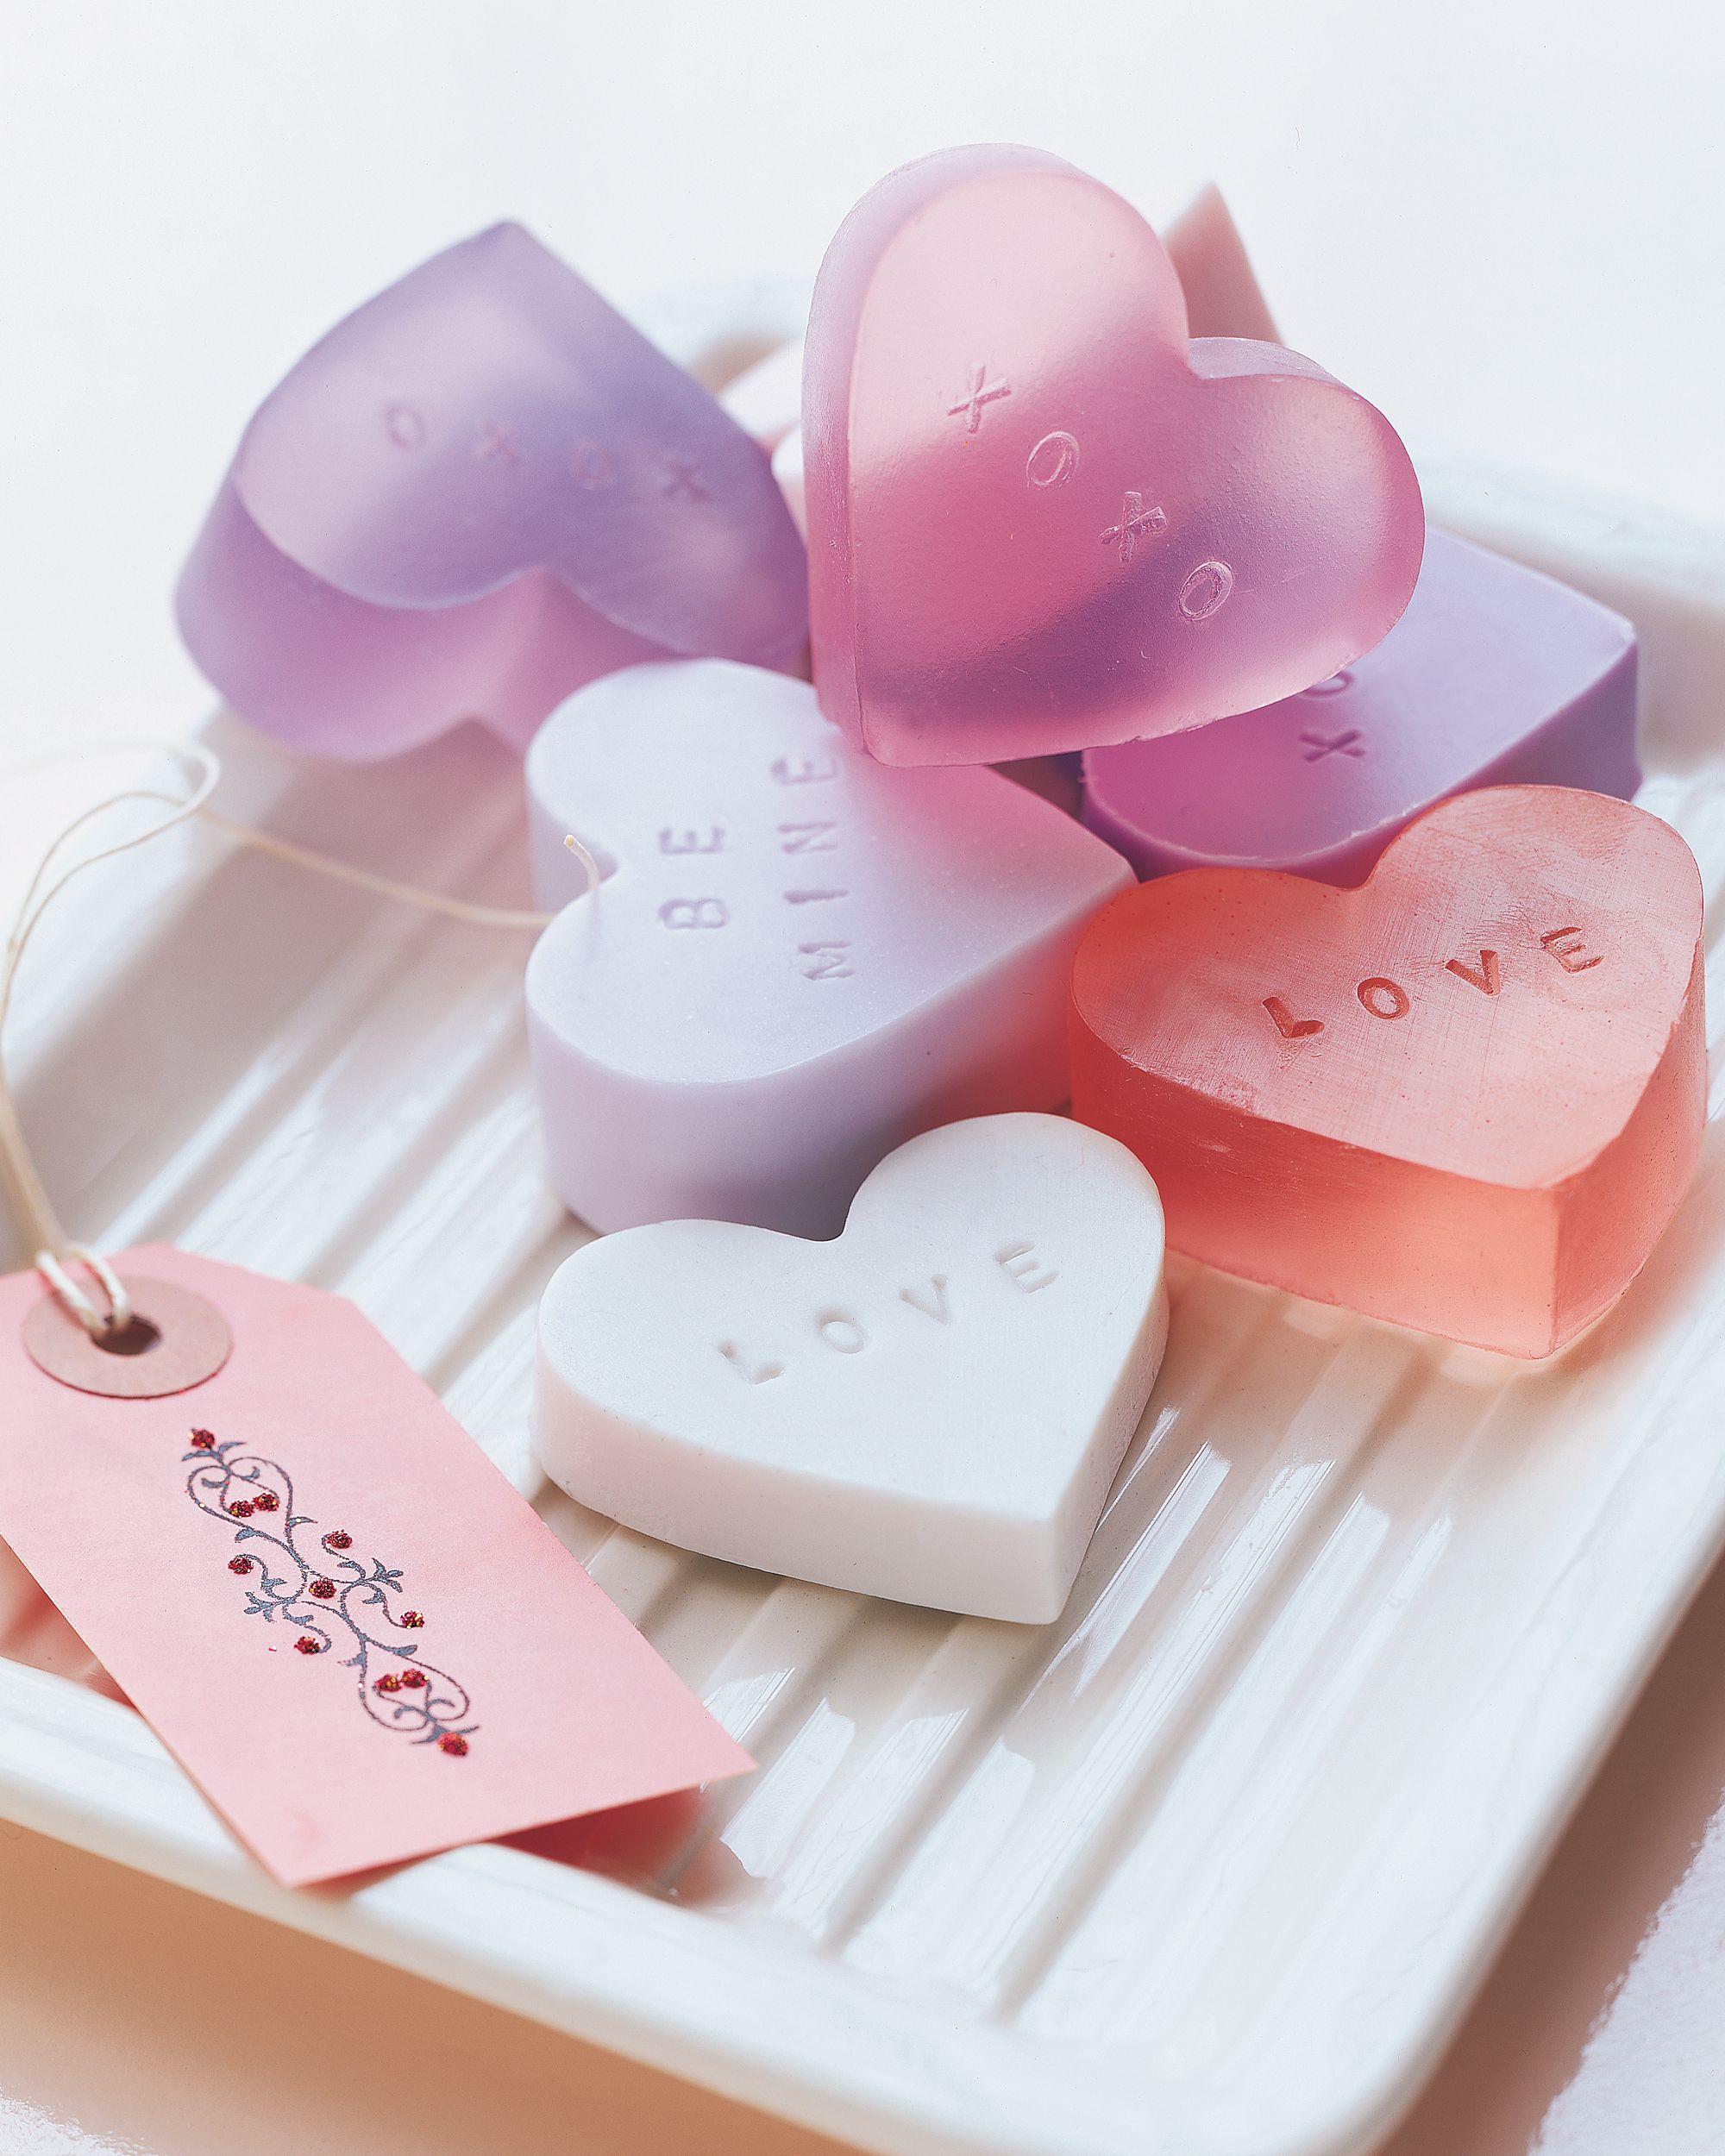 hermosos jabones en forma de corazón en colores pastel, ideas de regalos san valentin hechos a mano